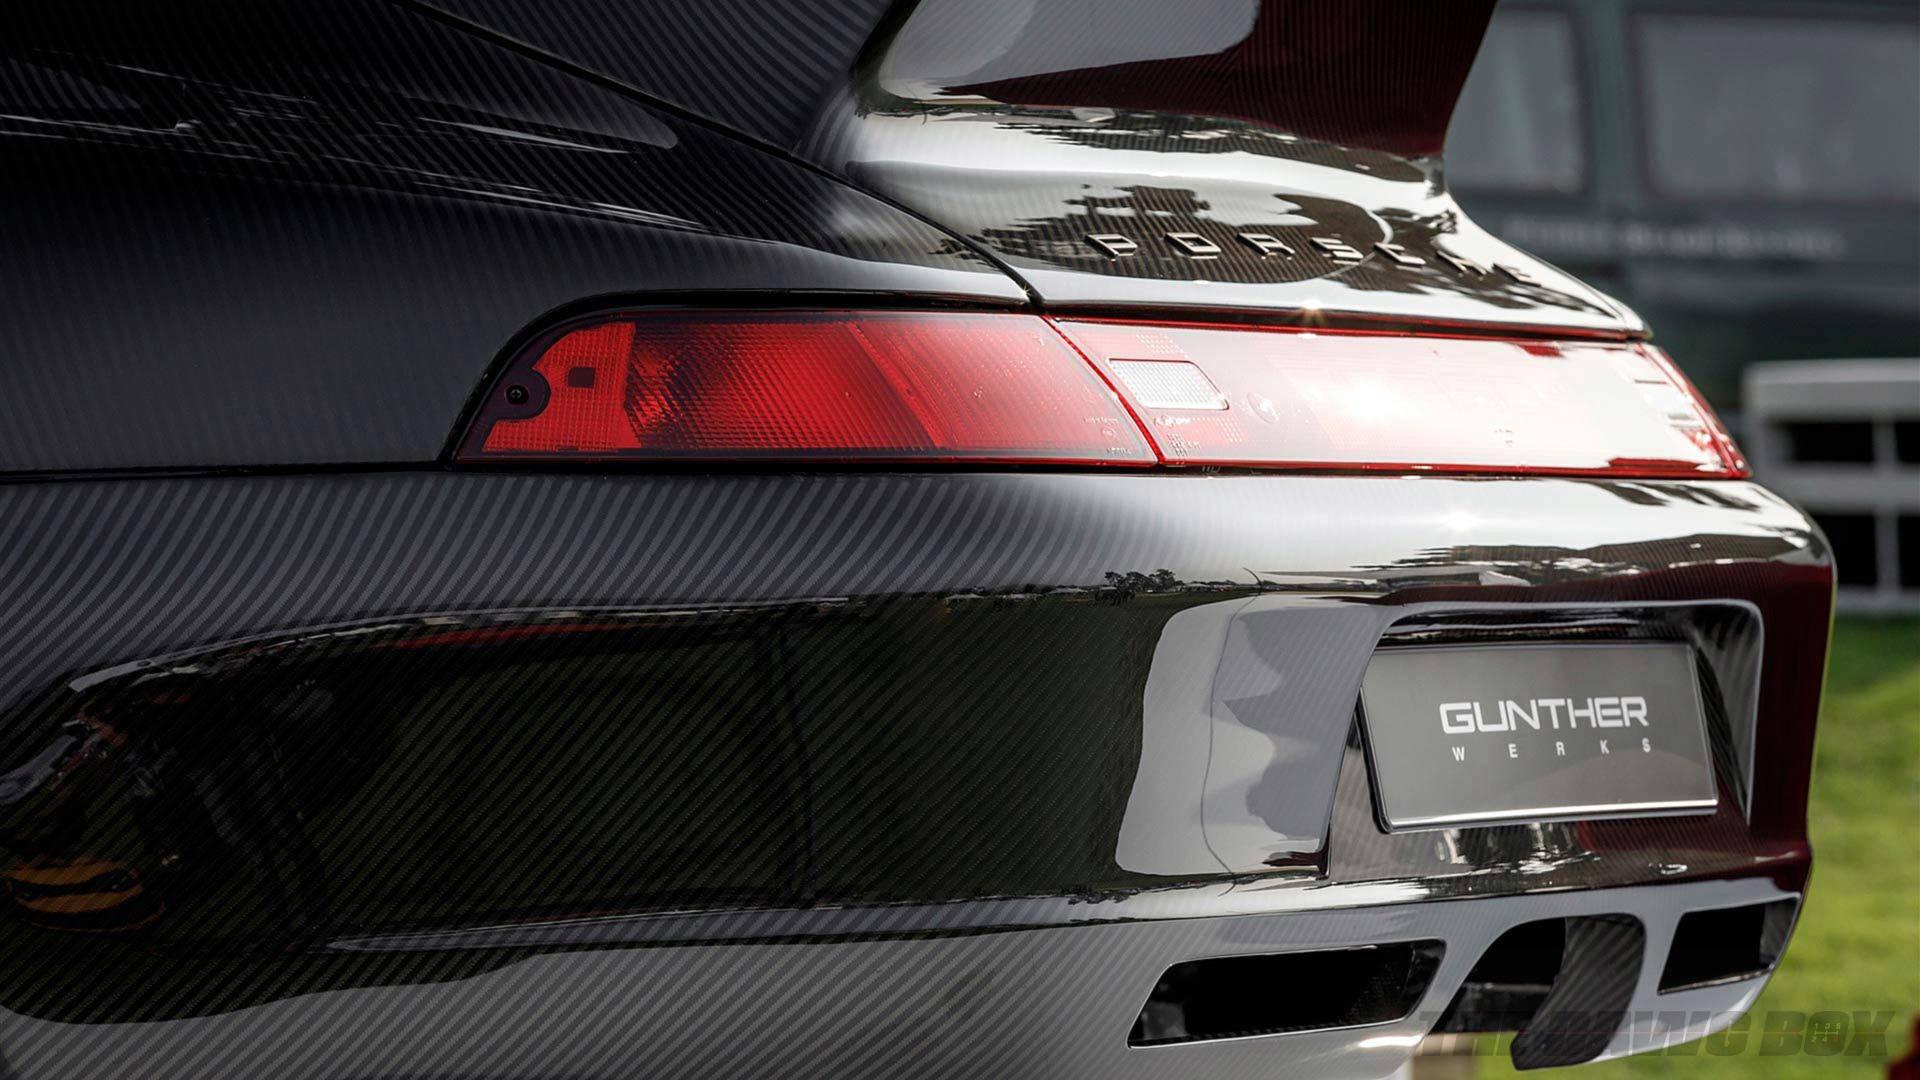 Carbon Fiber Porsche rear end